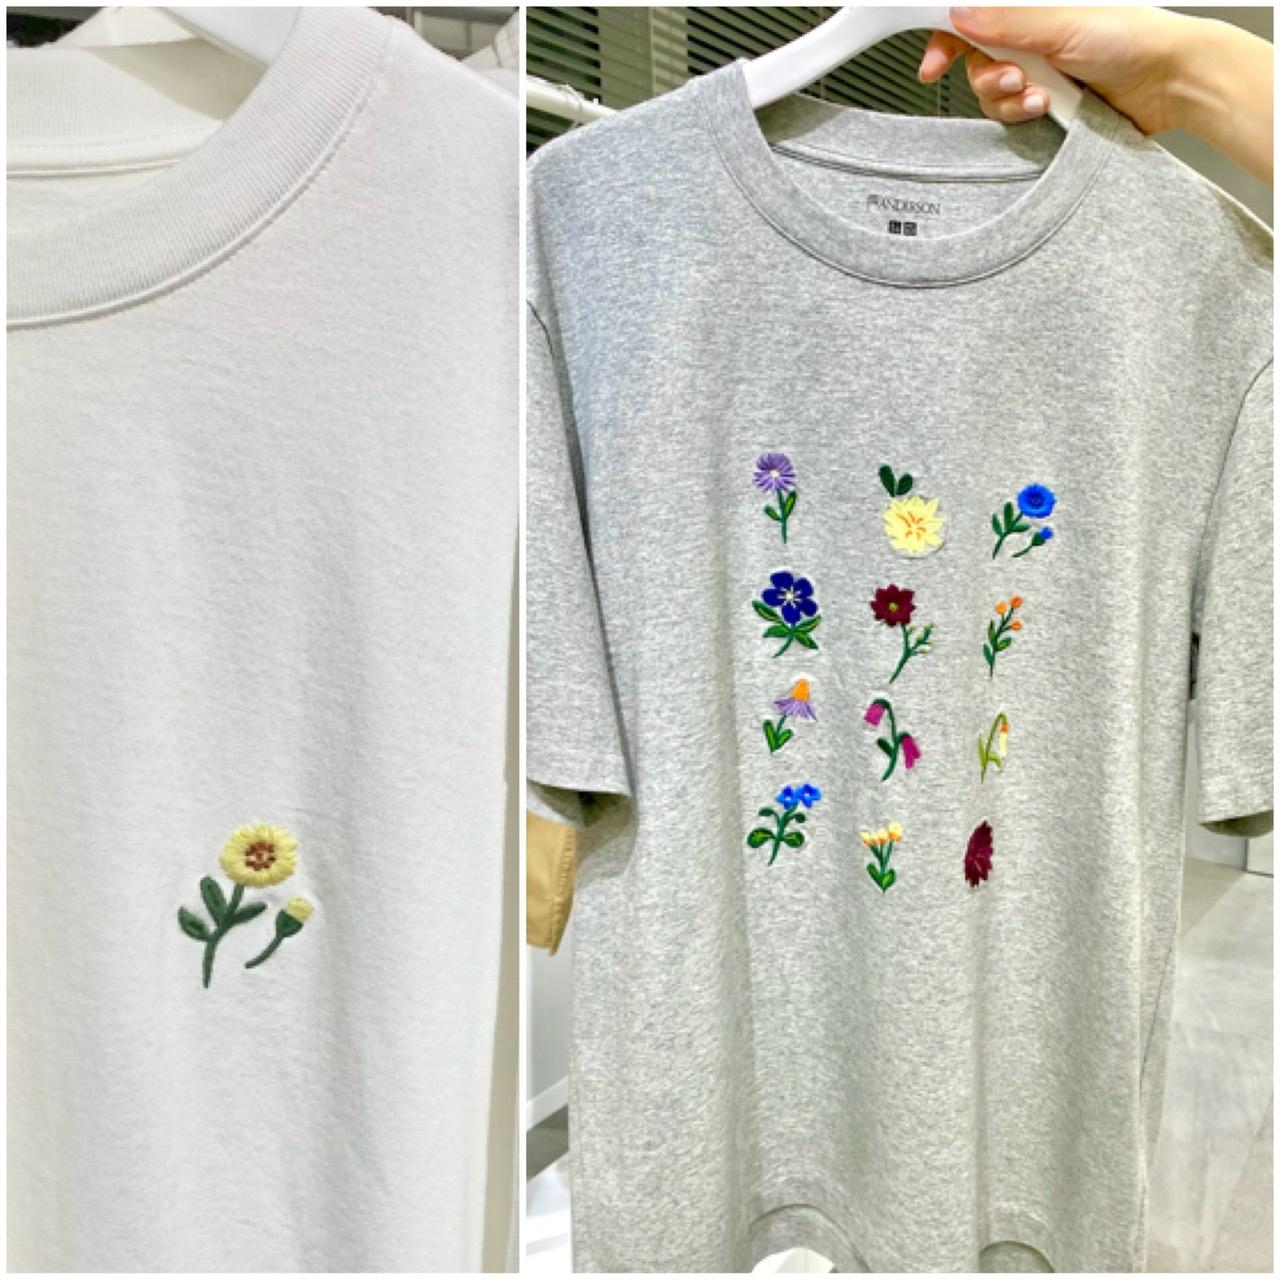 ユニクロ×JWアンダーソン、花の刺繍が施されたTシャツ